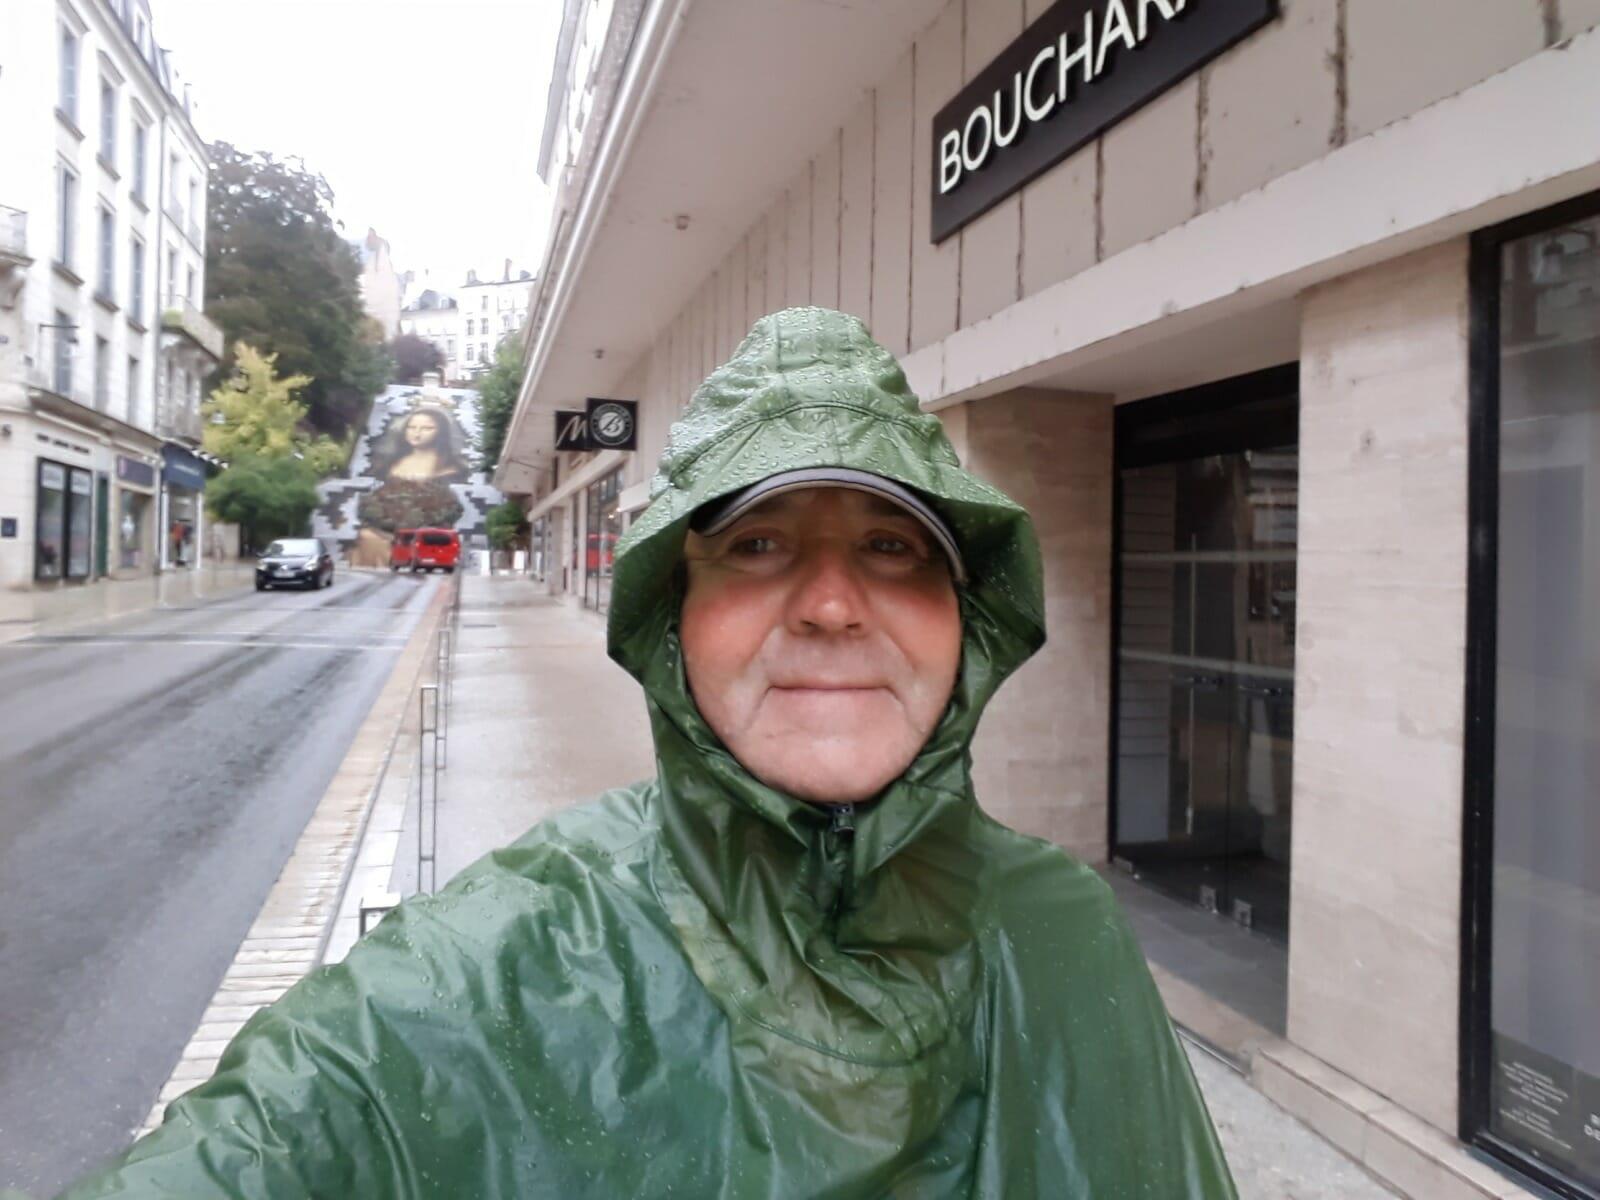 Man in waterproofs